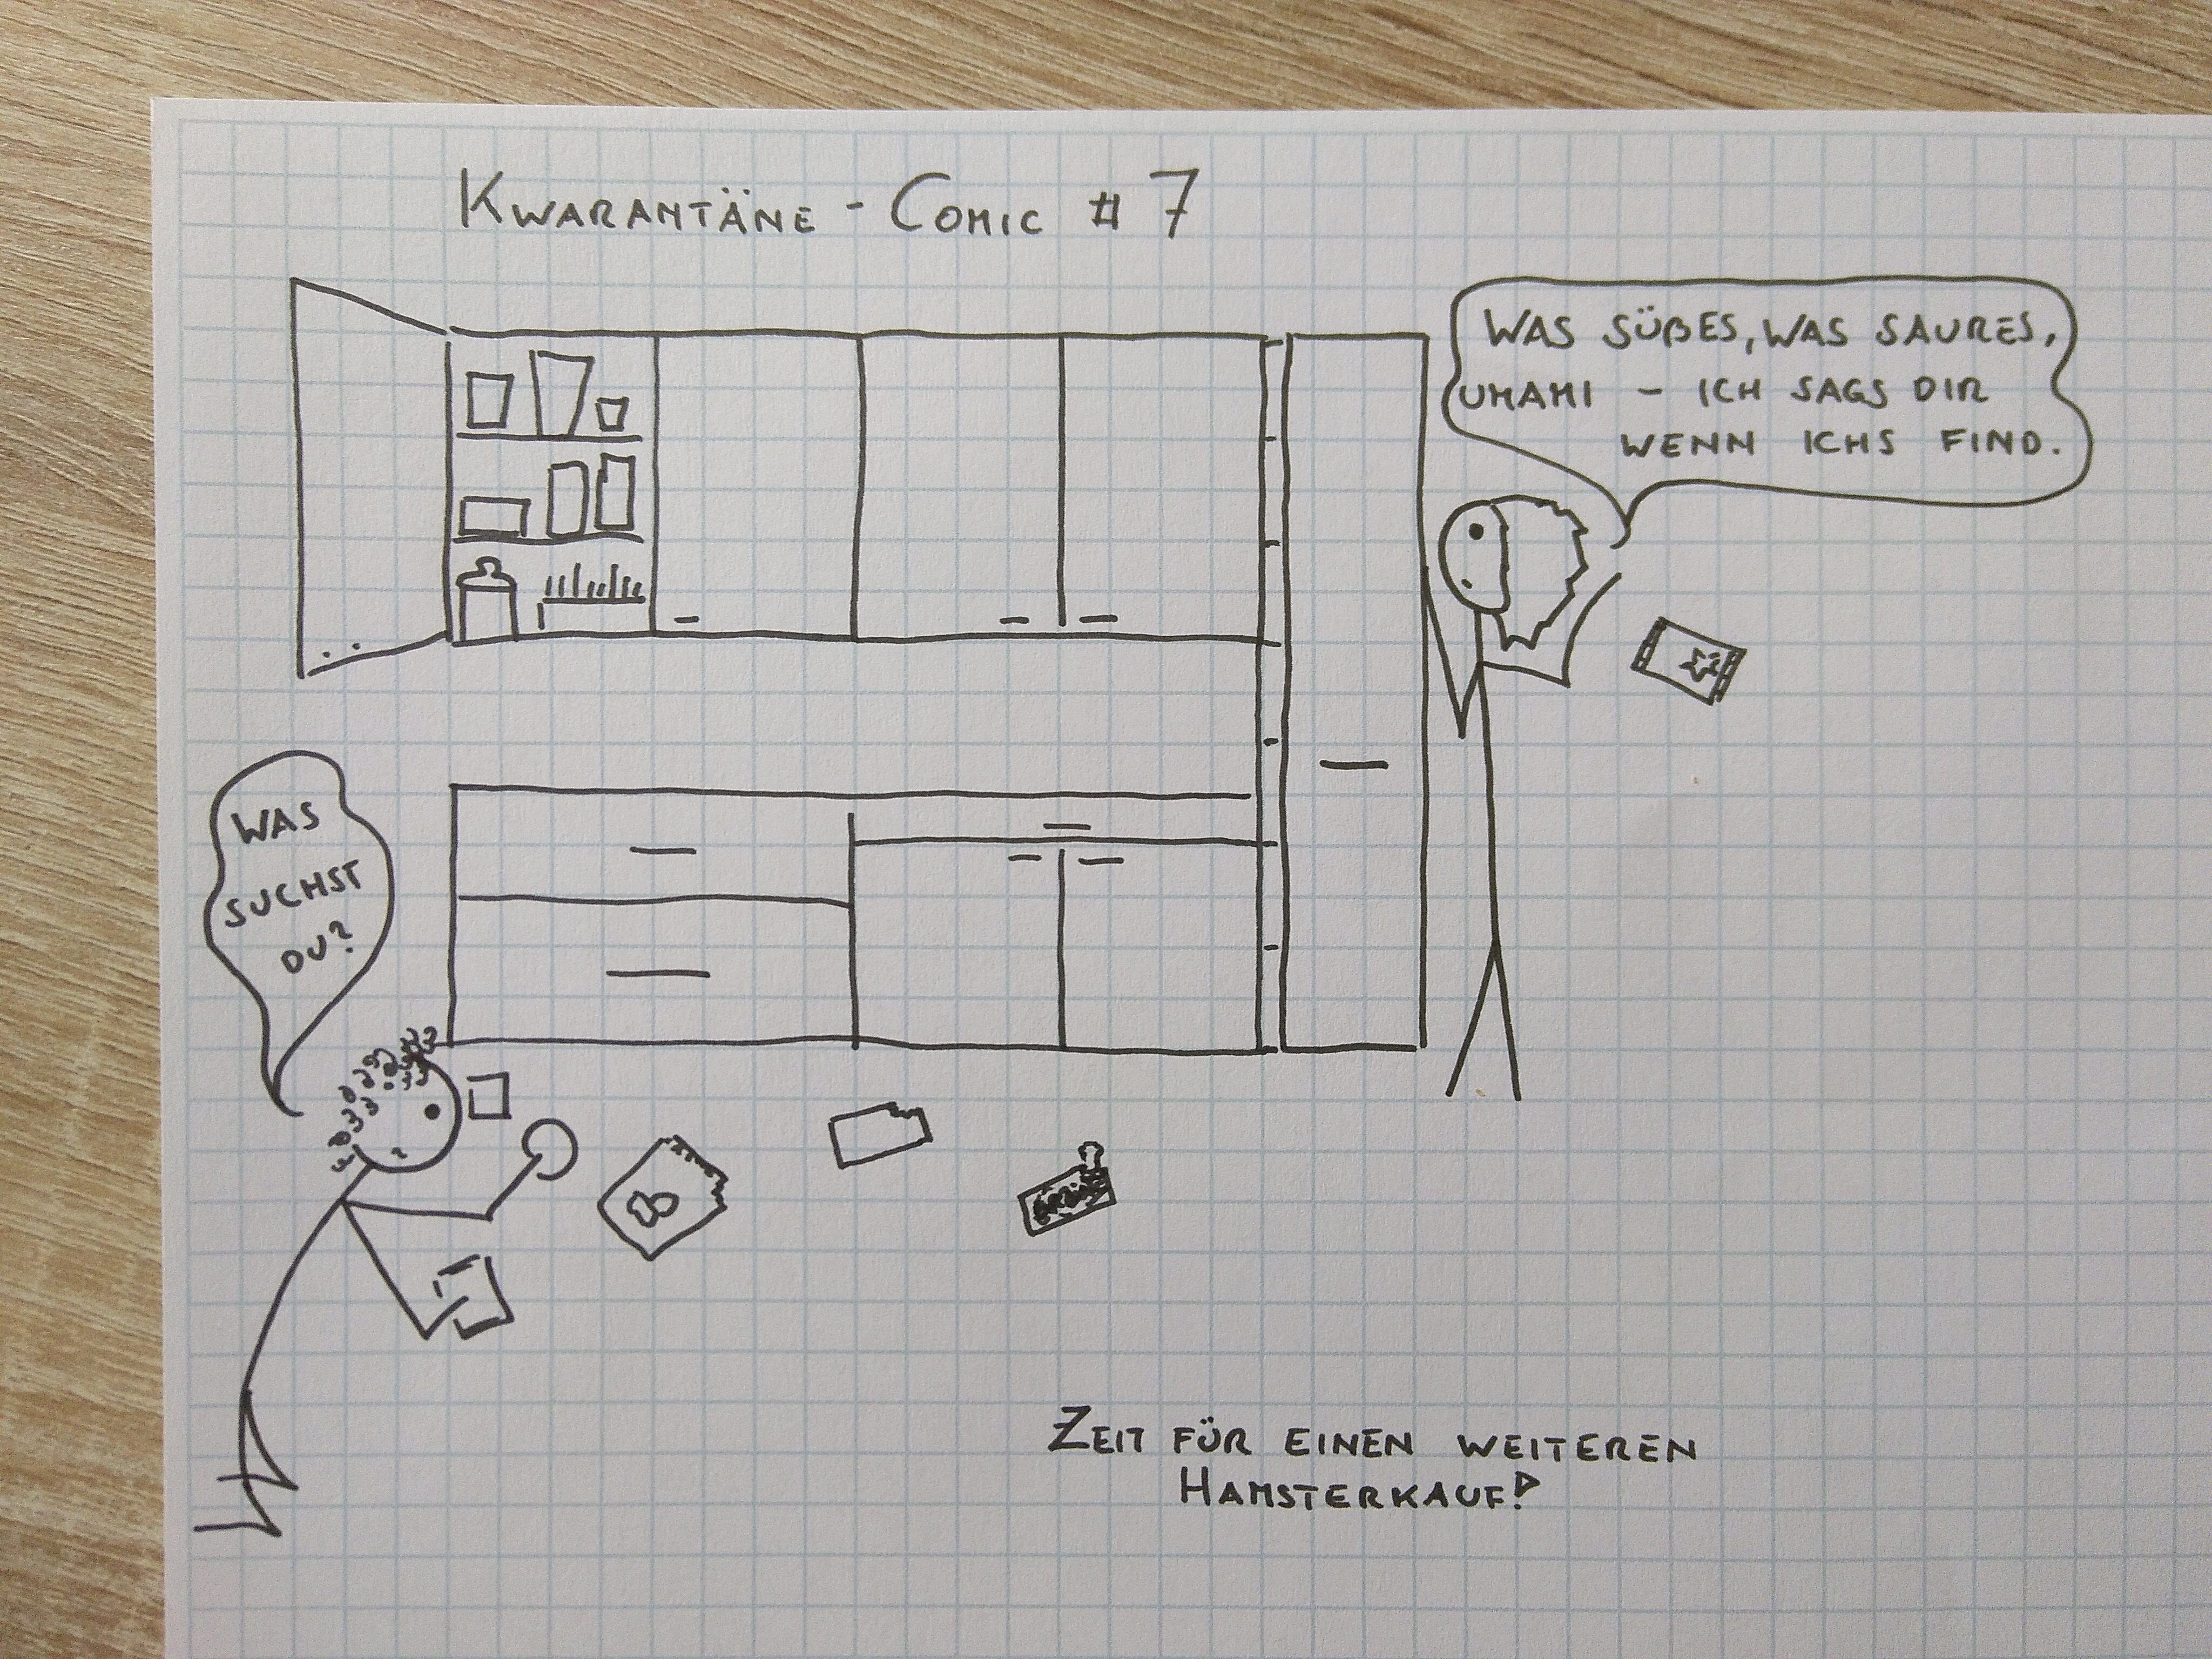 Kwarantäne #7